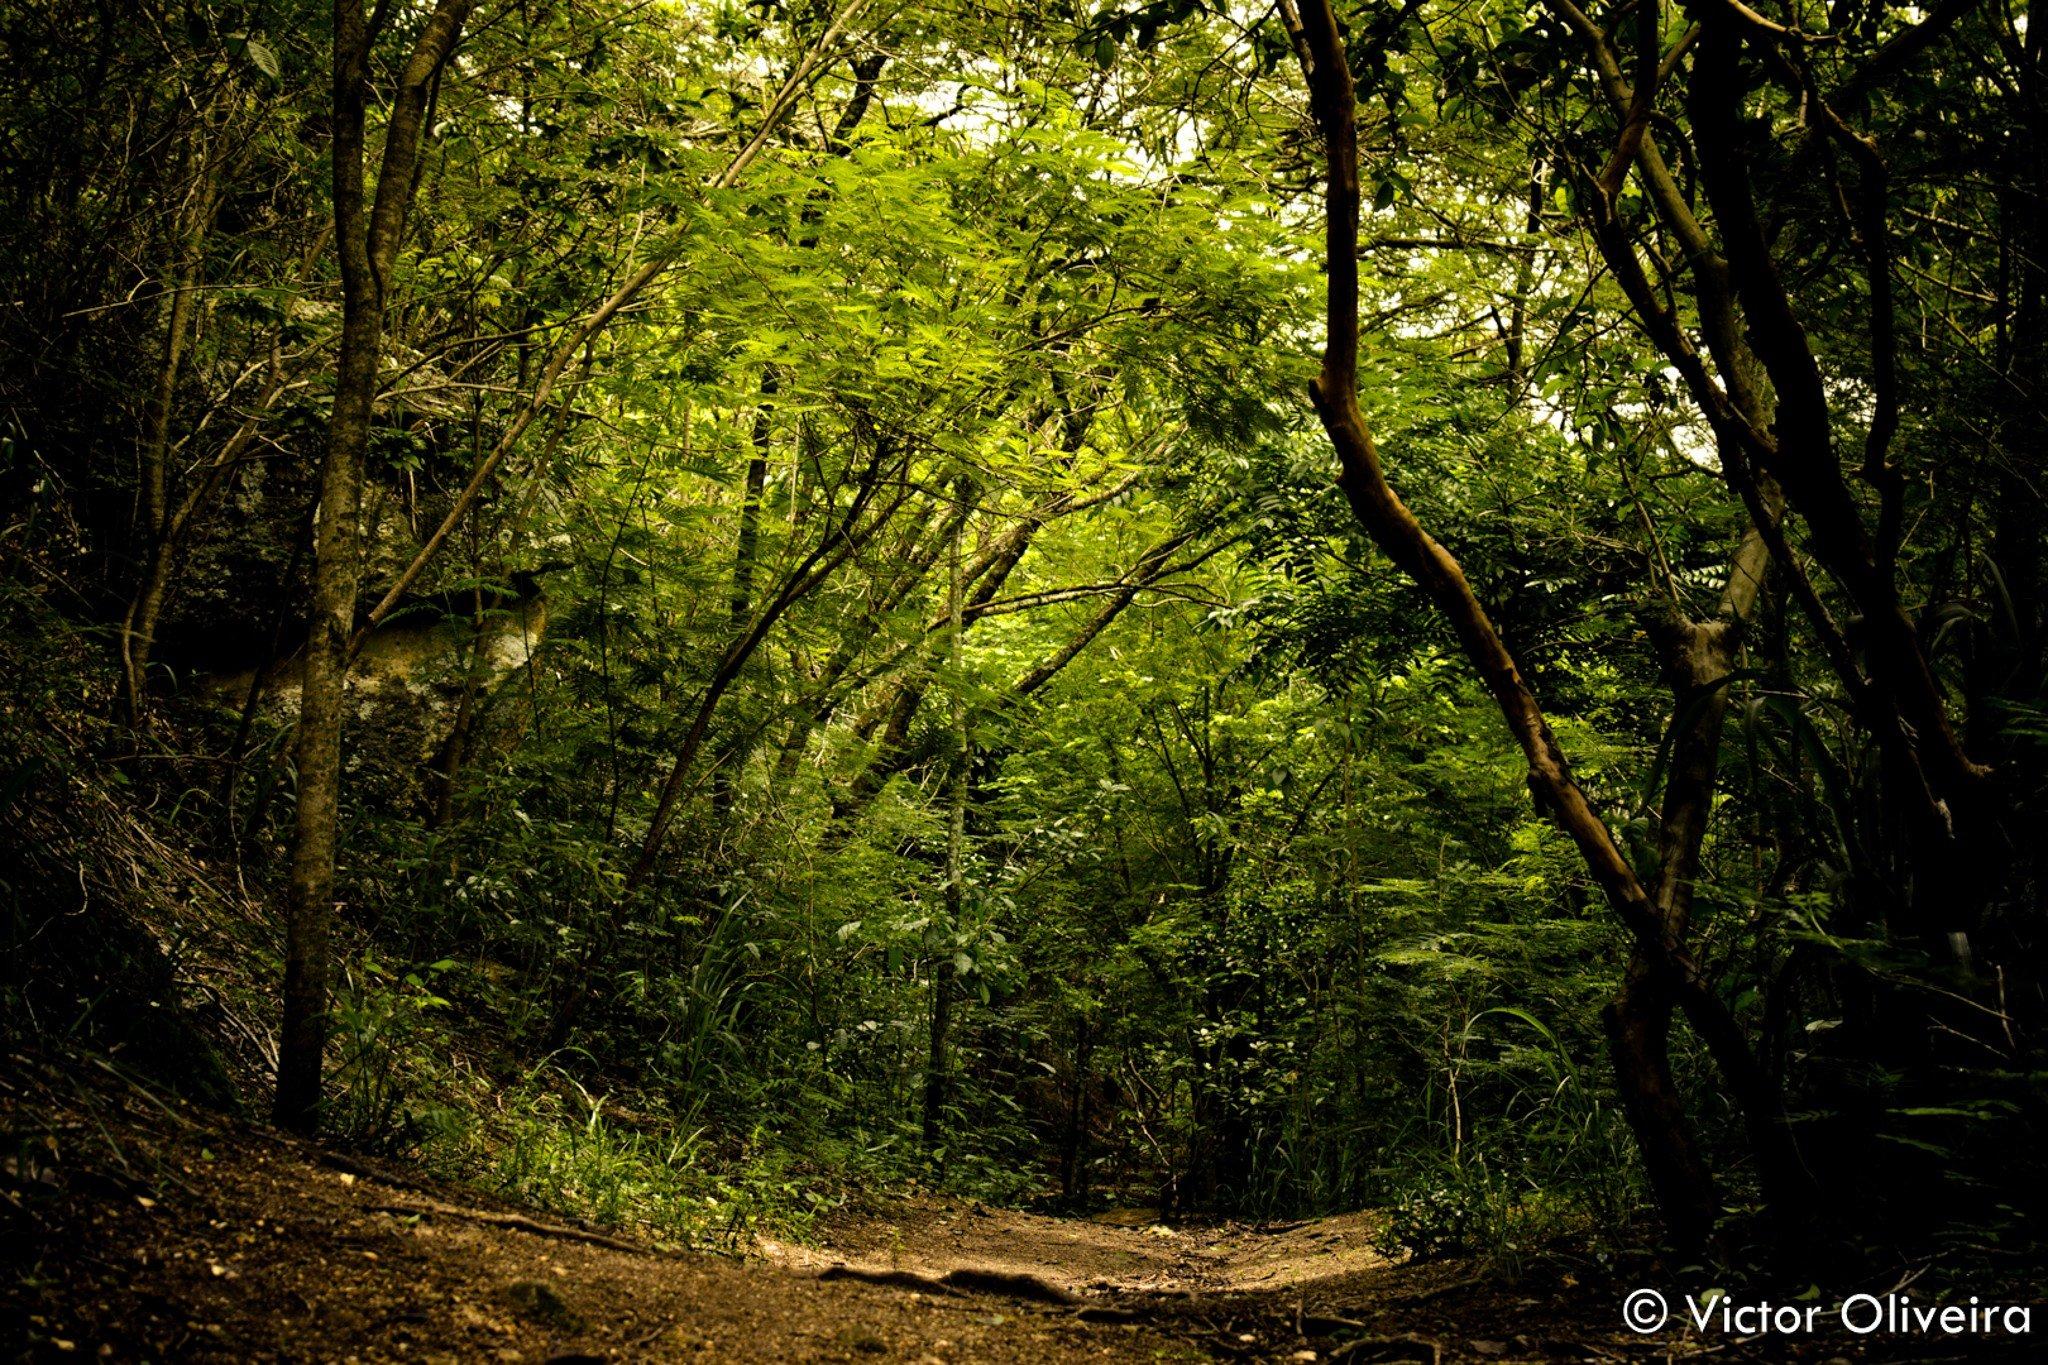 Nature Landscape Brazil Rio De Janeiro Hd Wallpapers Desktop And Mobile Images Photos